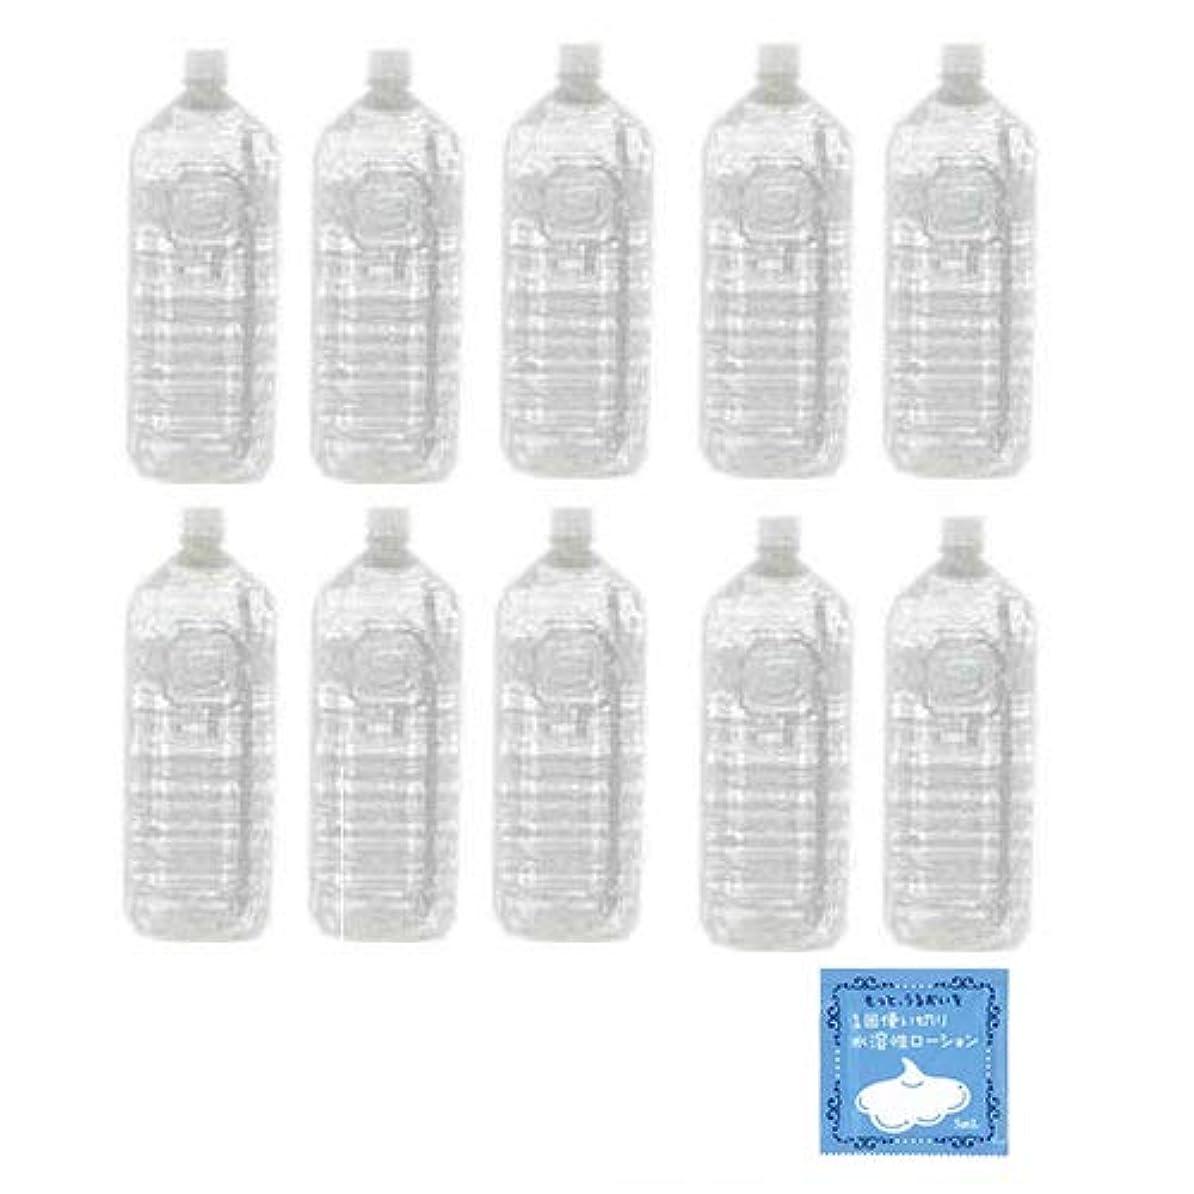 アブストラクト蓮平均クリアローション 2Lペットボトル ソフトタイプ 業務用ローション× 10本セット+ 1回使い切り水溶性潤滑ローション